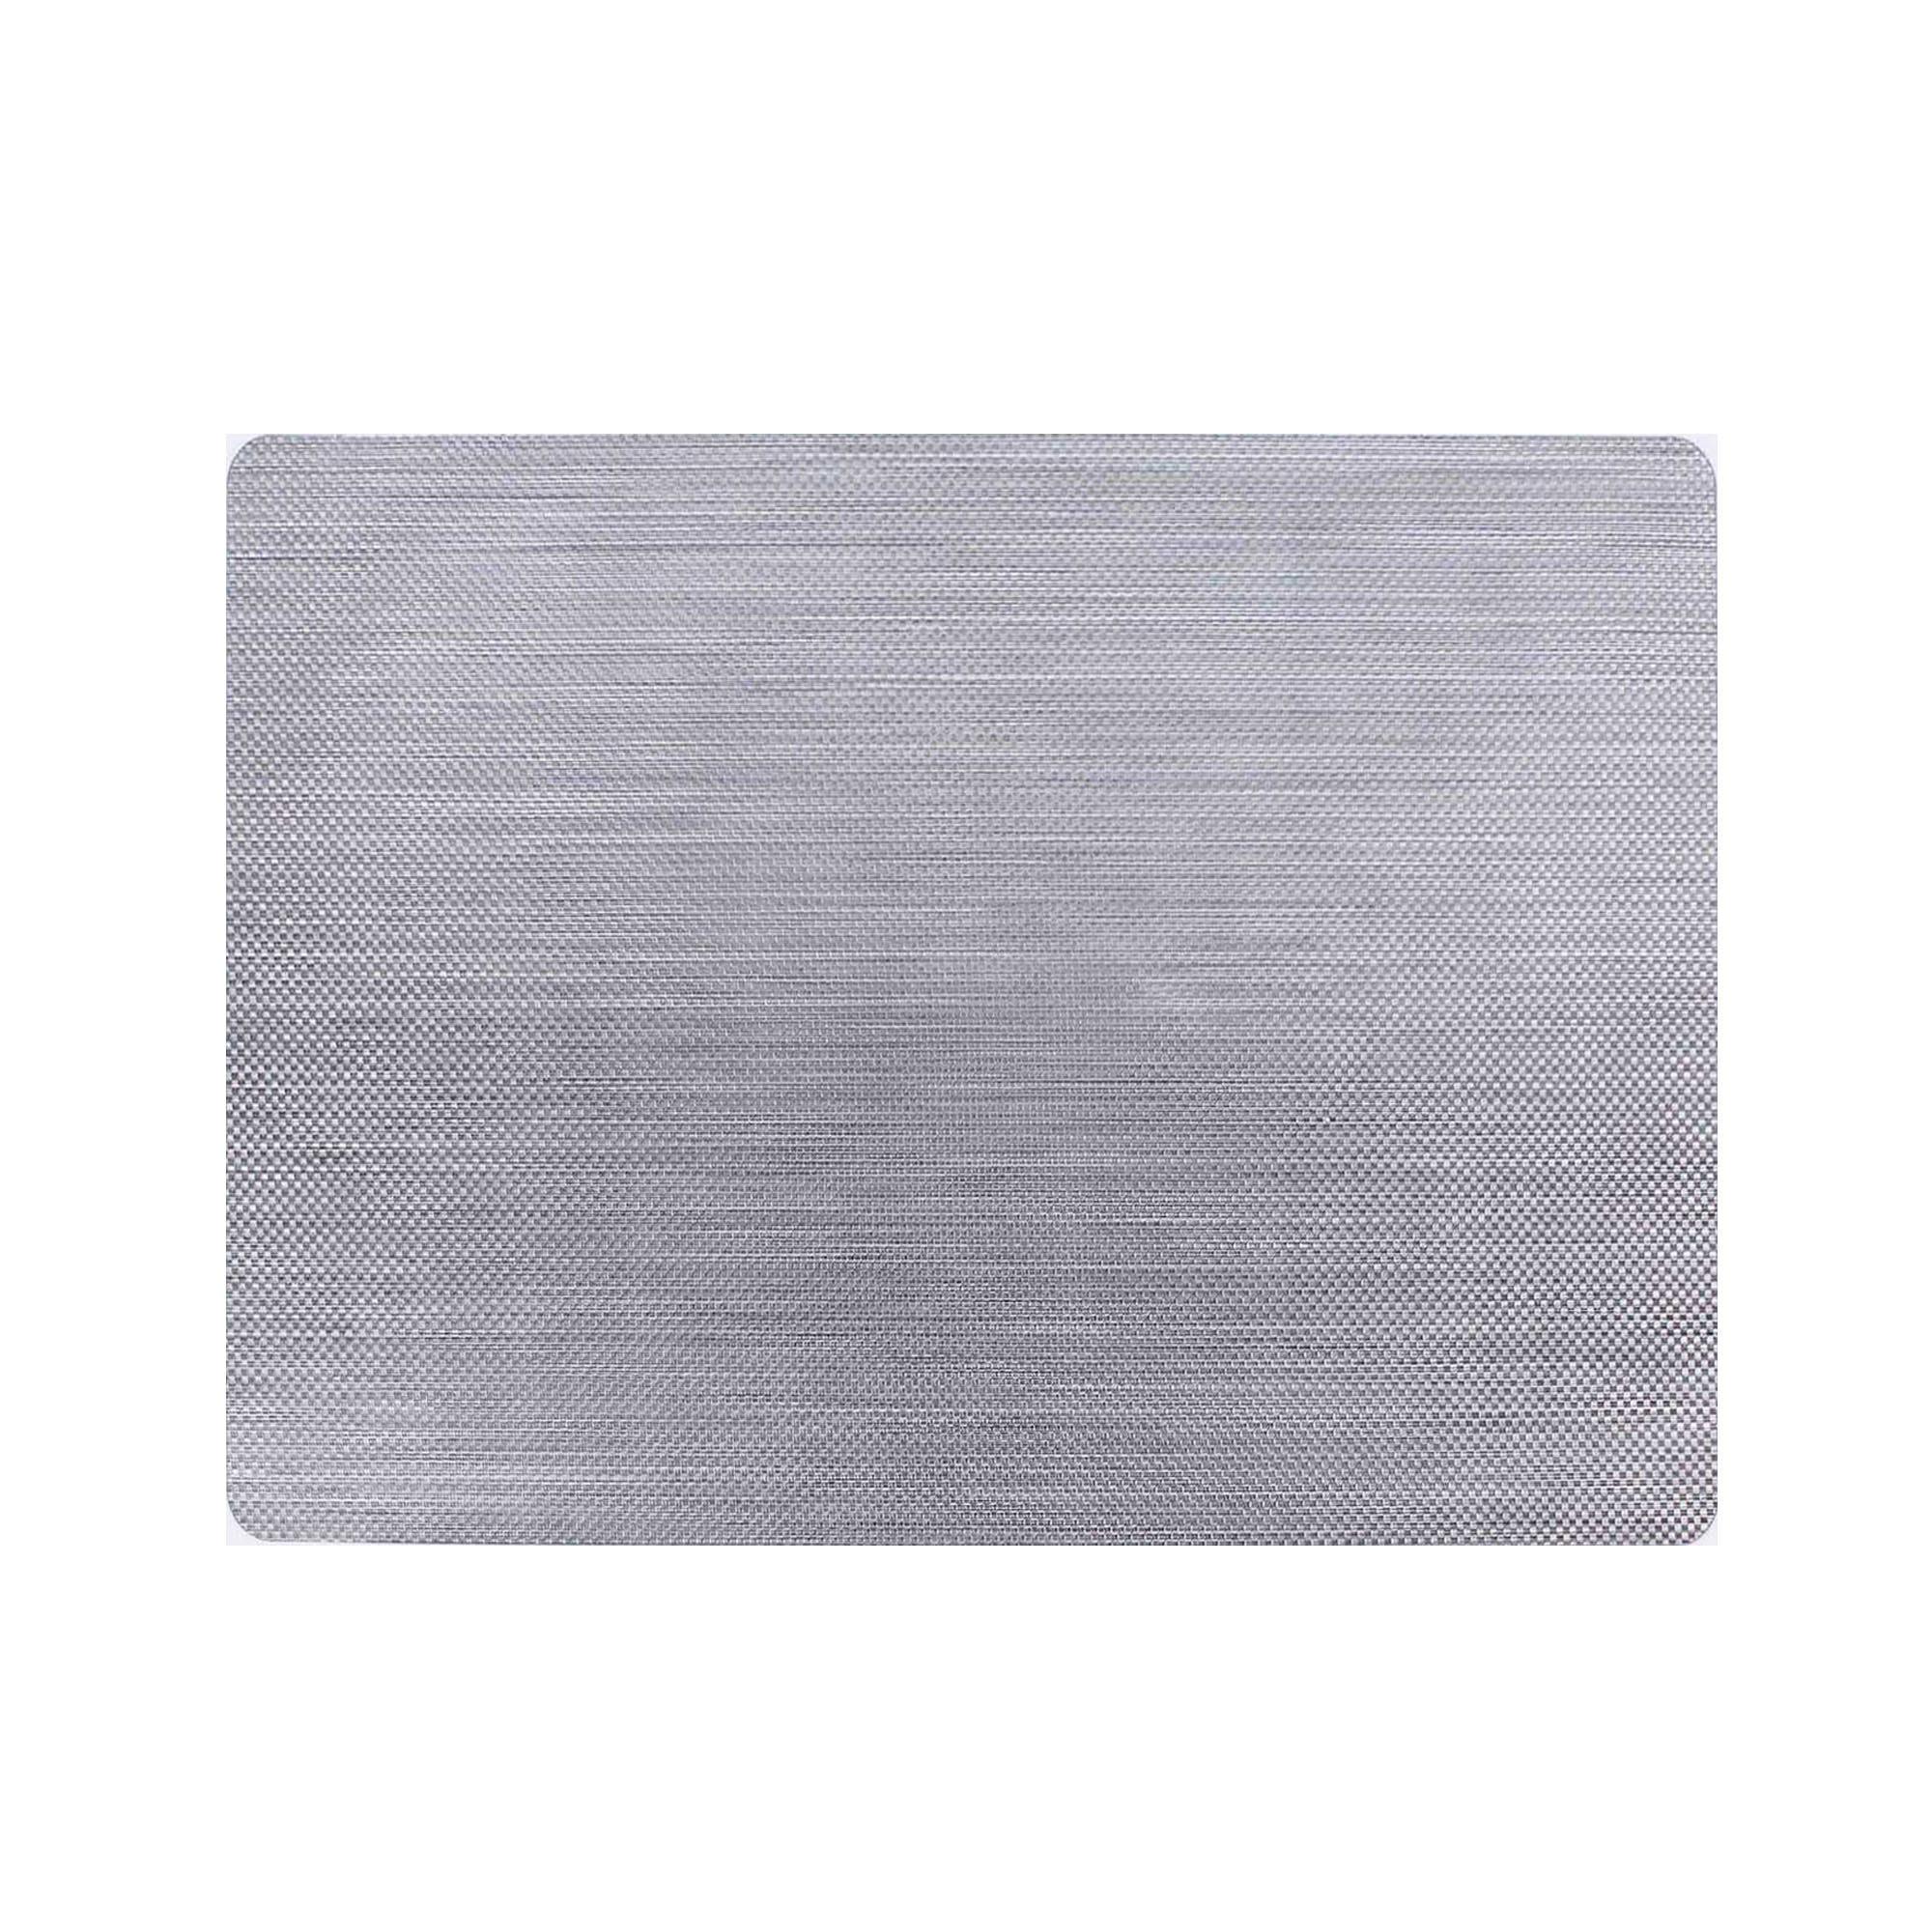 Mantel individual con cuadros chicos Namaro Design en plata